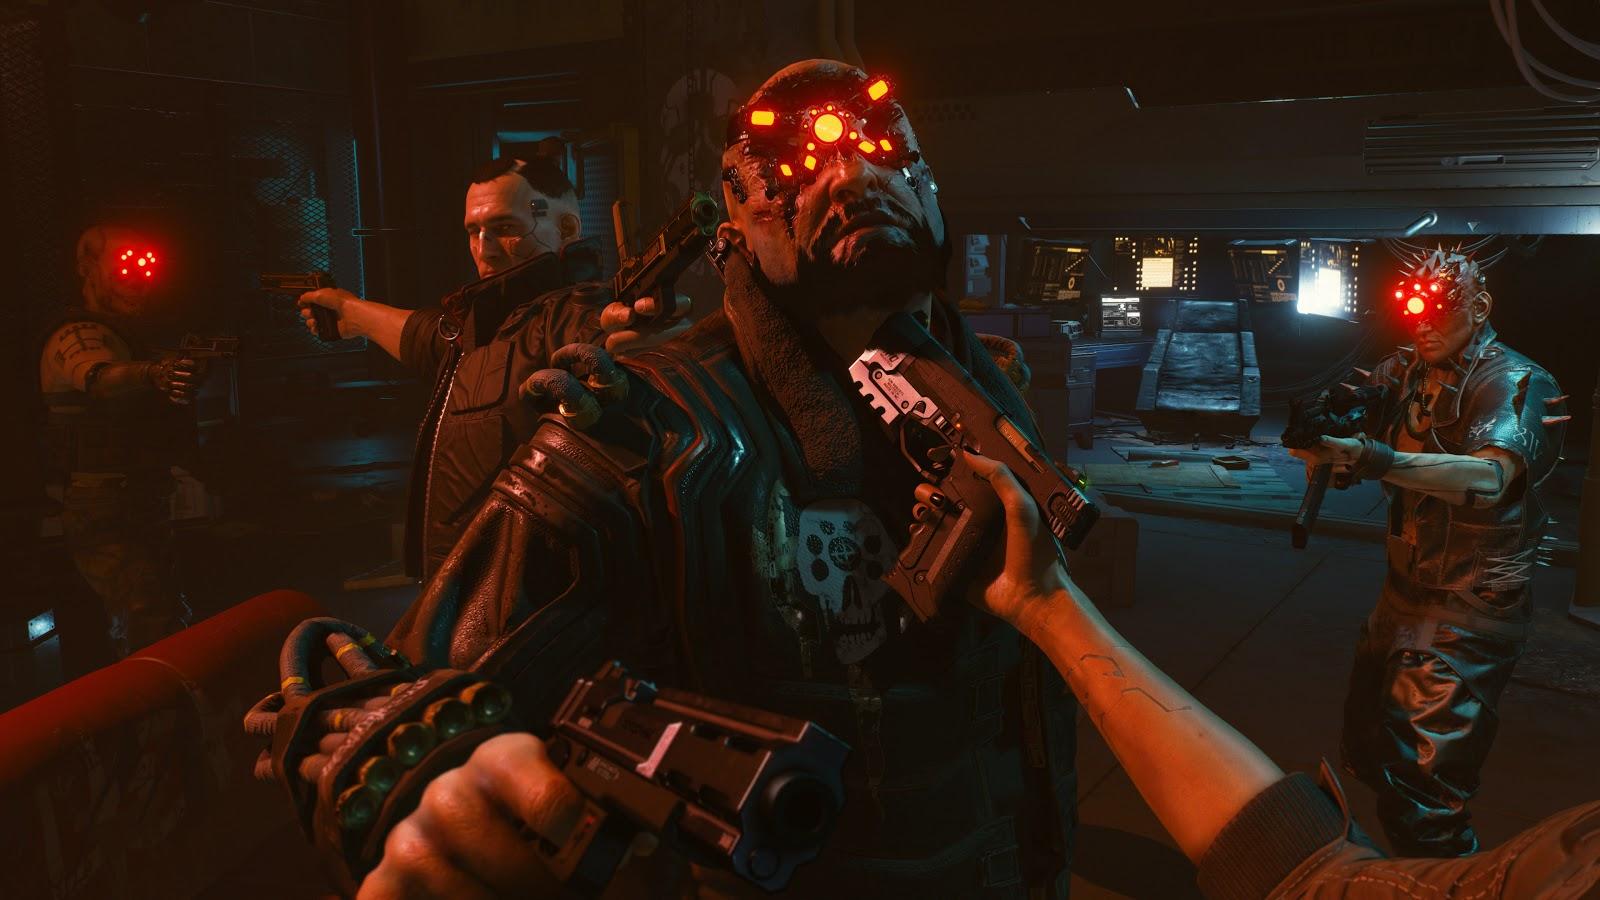 Combien de points d'attribut pouvez-vous obtenir dans Cyberpunk 2077?